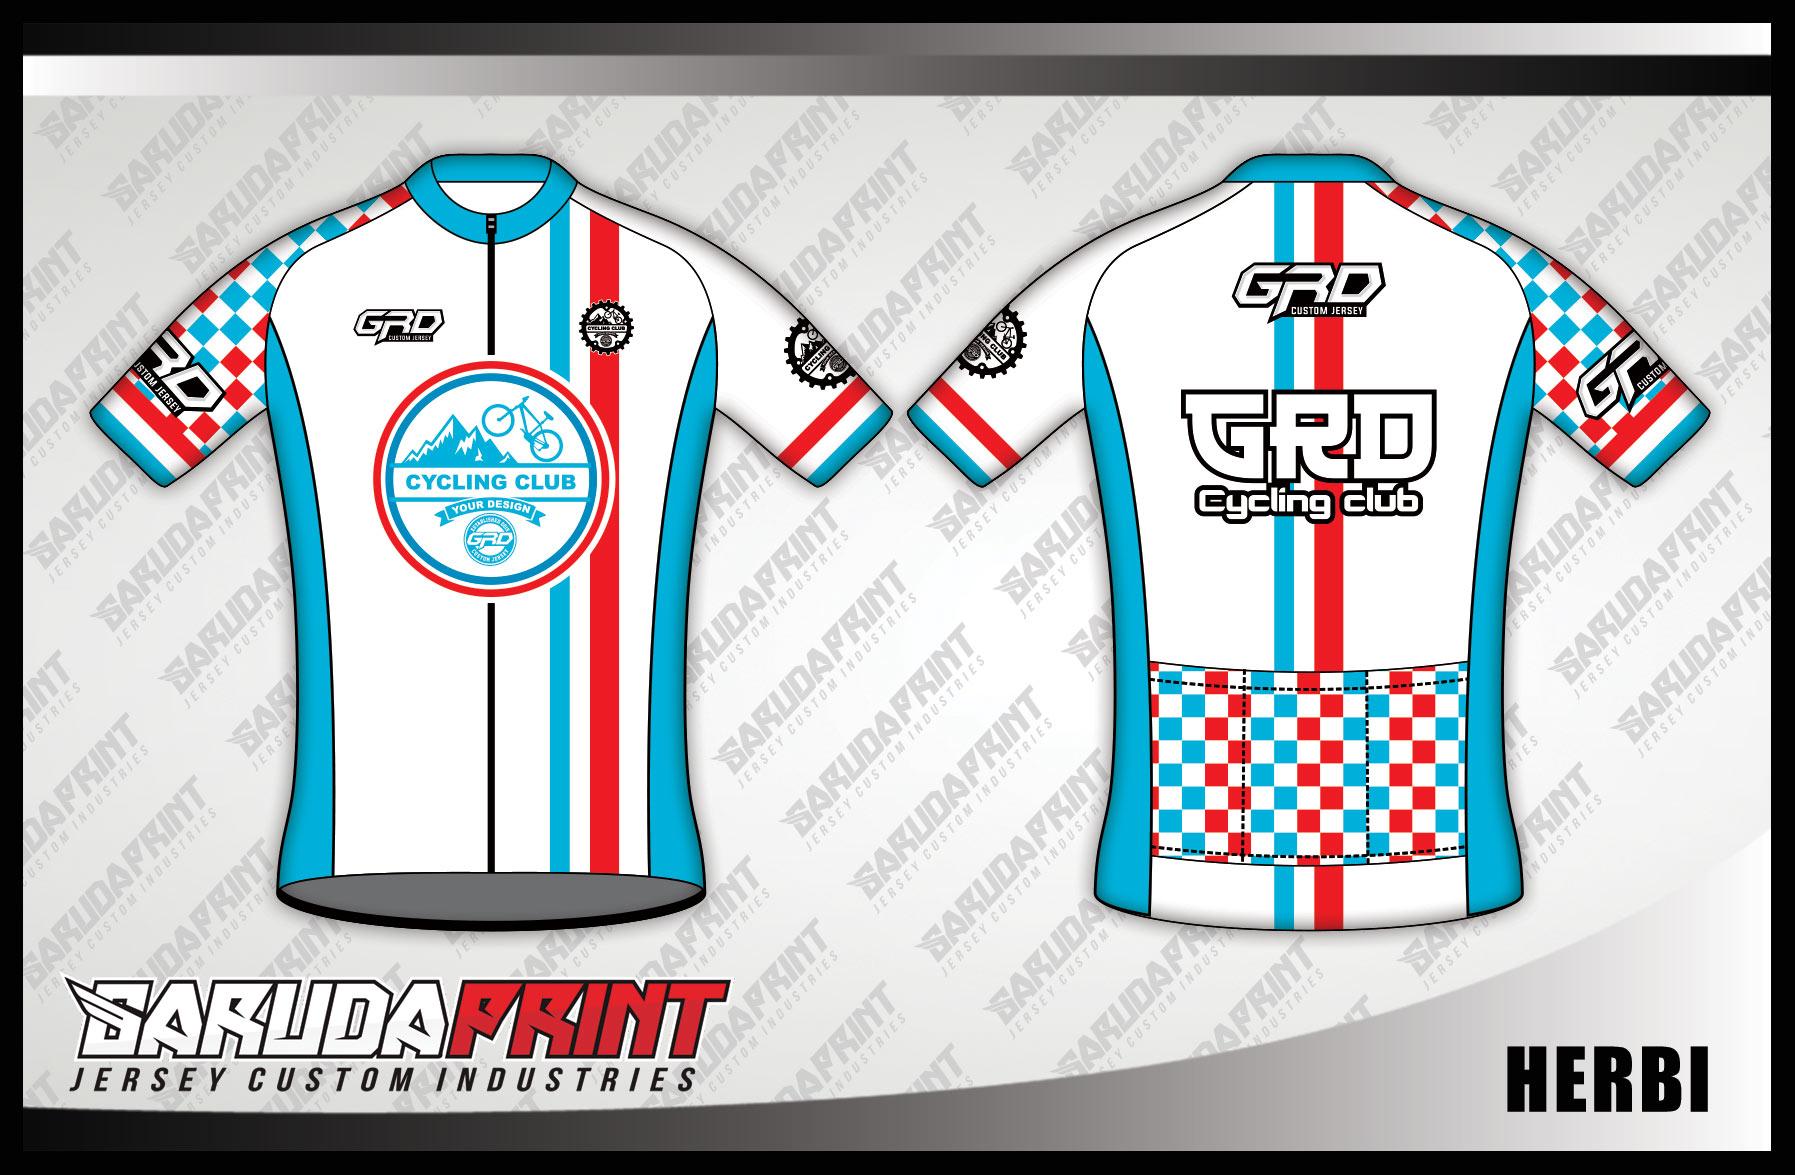 Jersey Sepeda Printing Warna Putih List Merah Biru Yang Trendy